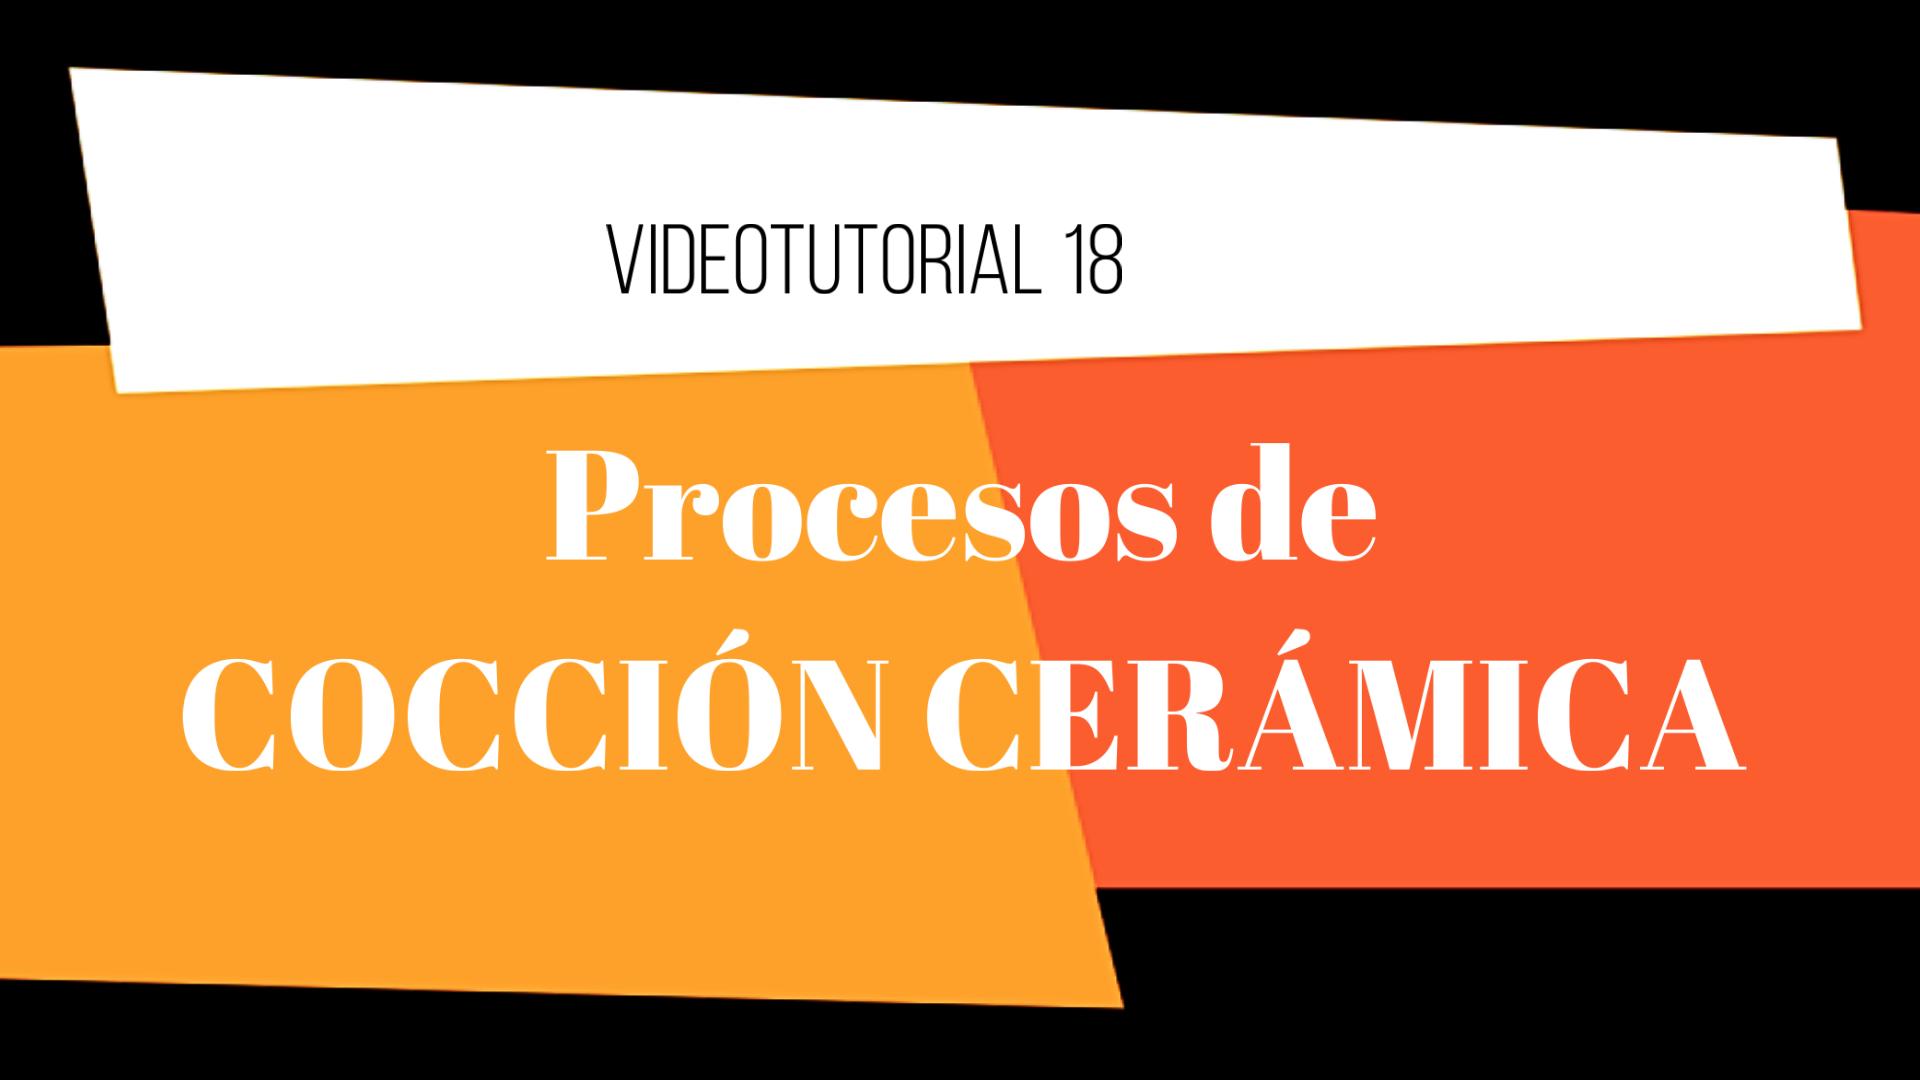 Procesos de cocción cerámica. El final del proceso cerámico tiene lugar con la cocción de la pieza, es la culminación del trabajo creativo.